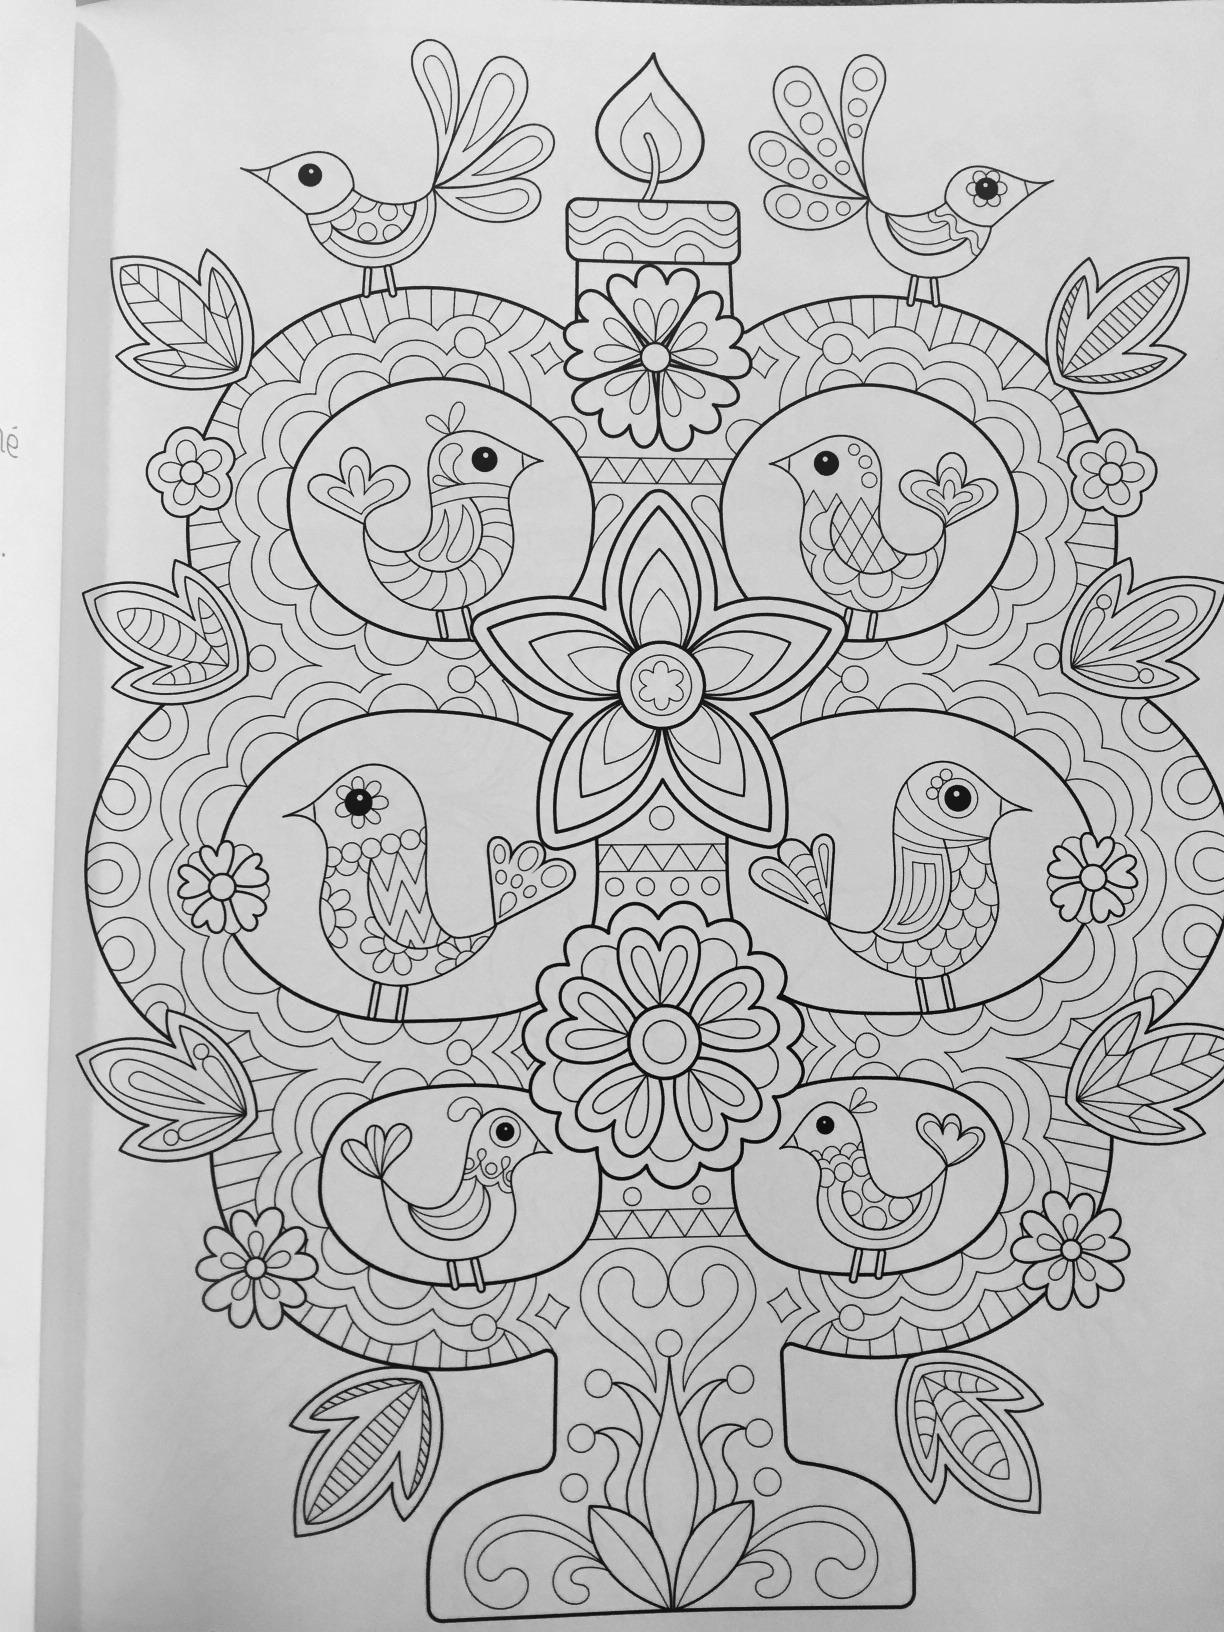 Free Spirit Coloring Book Is Fun Thaneeya Mcardle 9781574219975 Amazon